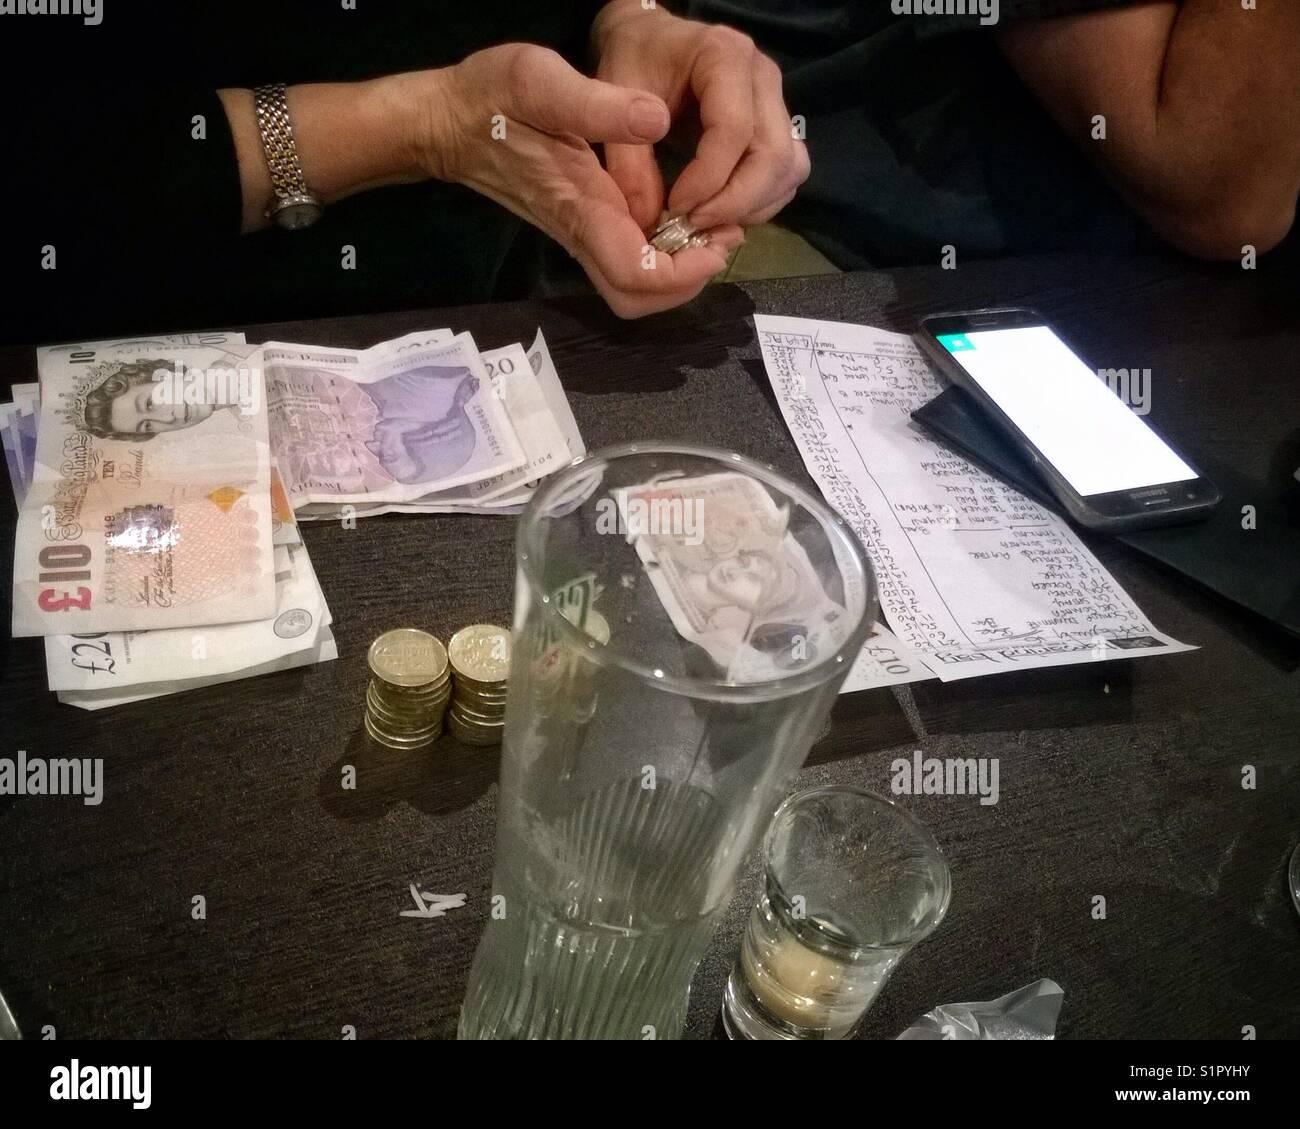 Restaurant diners de scinder le projet de loi à la fin du repas. Photo Stock